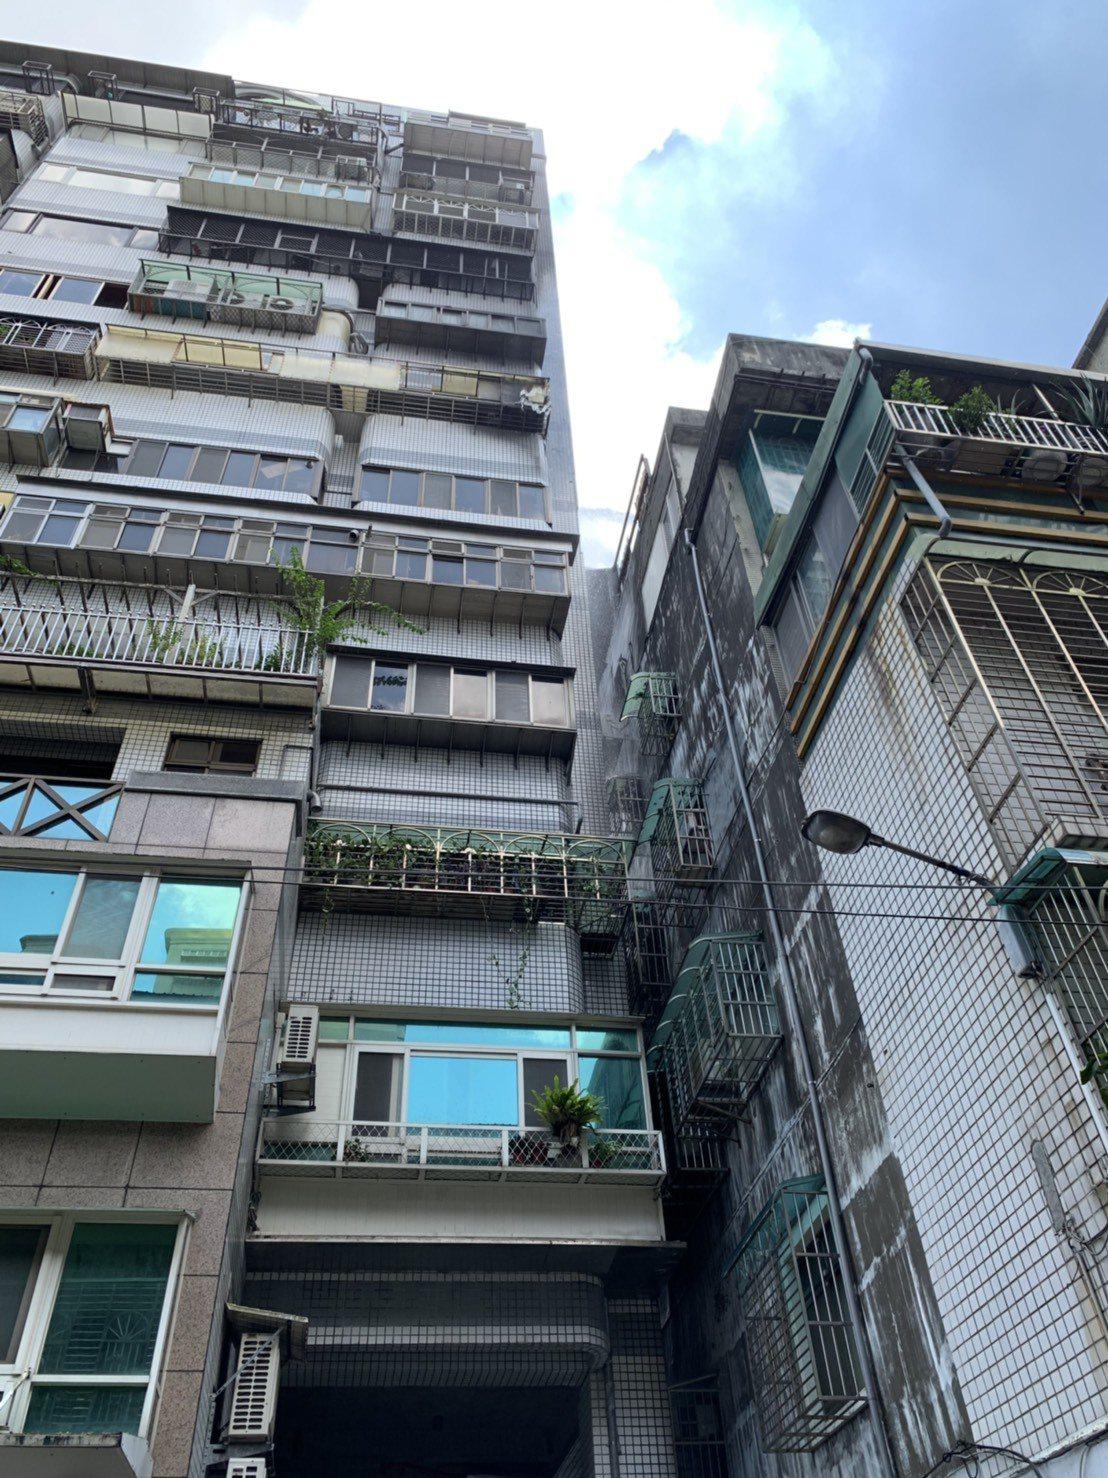 起火的民宅相鄰1棟10多層樓公寓,所幸及時撲滅沒有造成延燒。記者巫鴻瑋/攝影